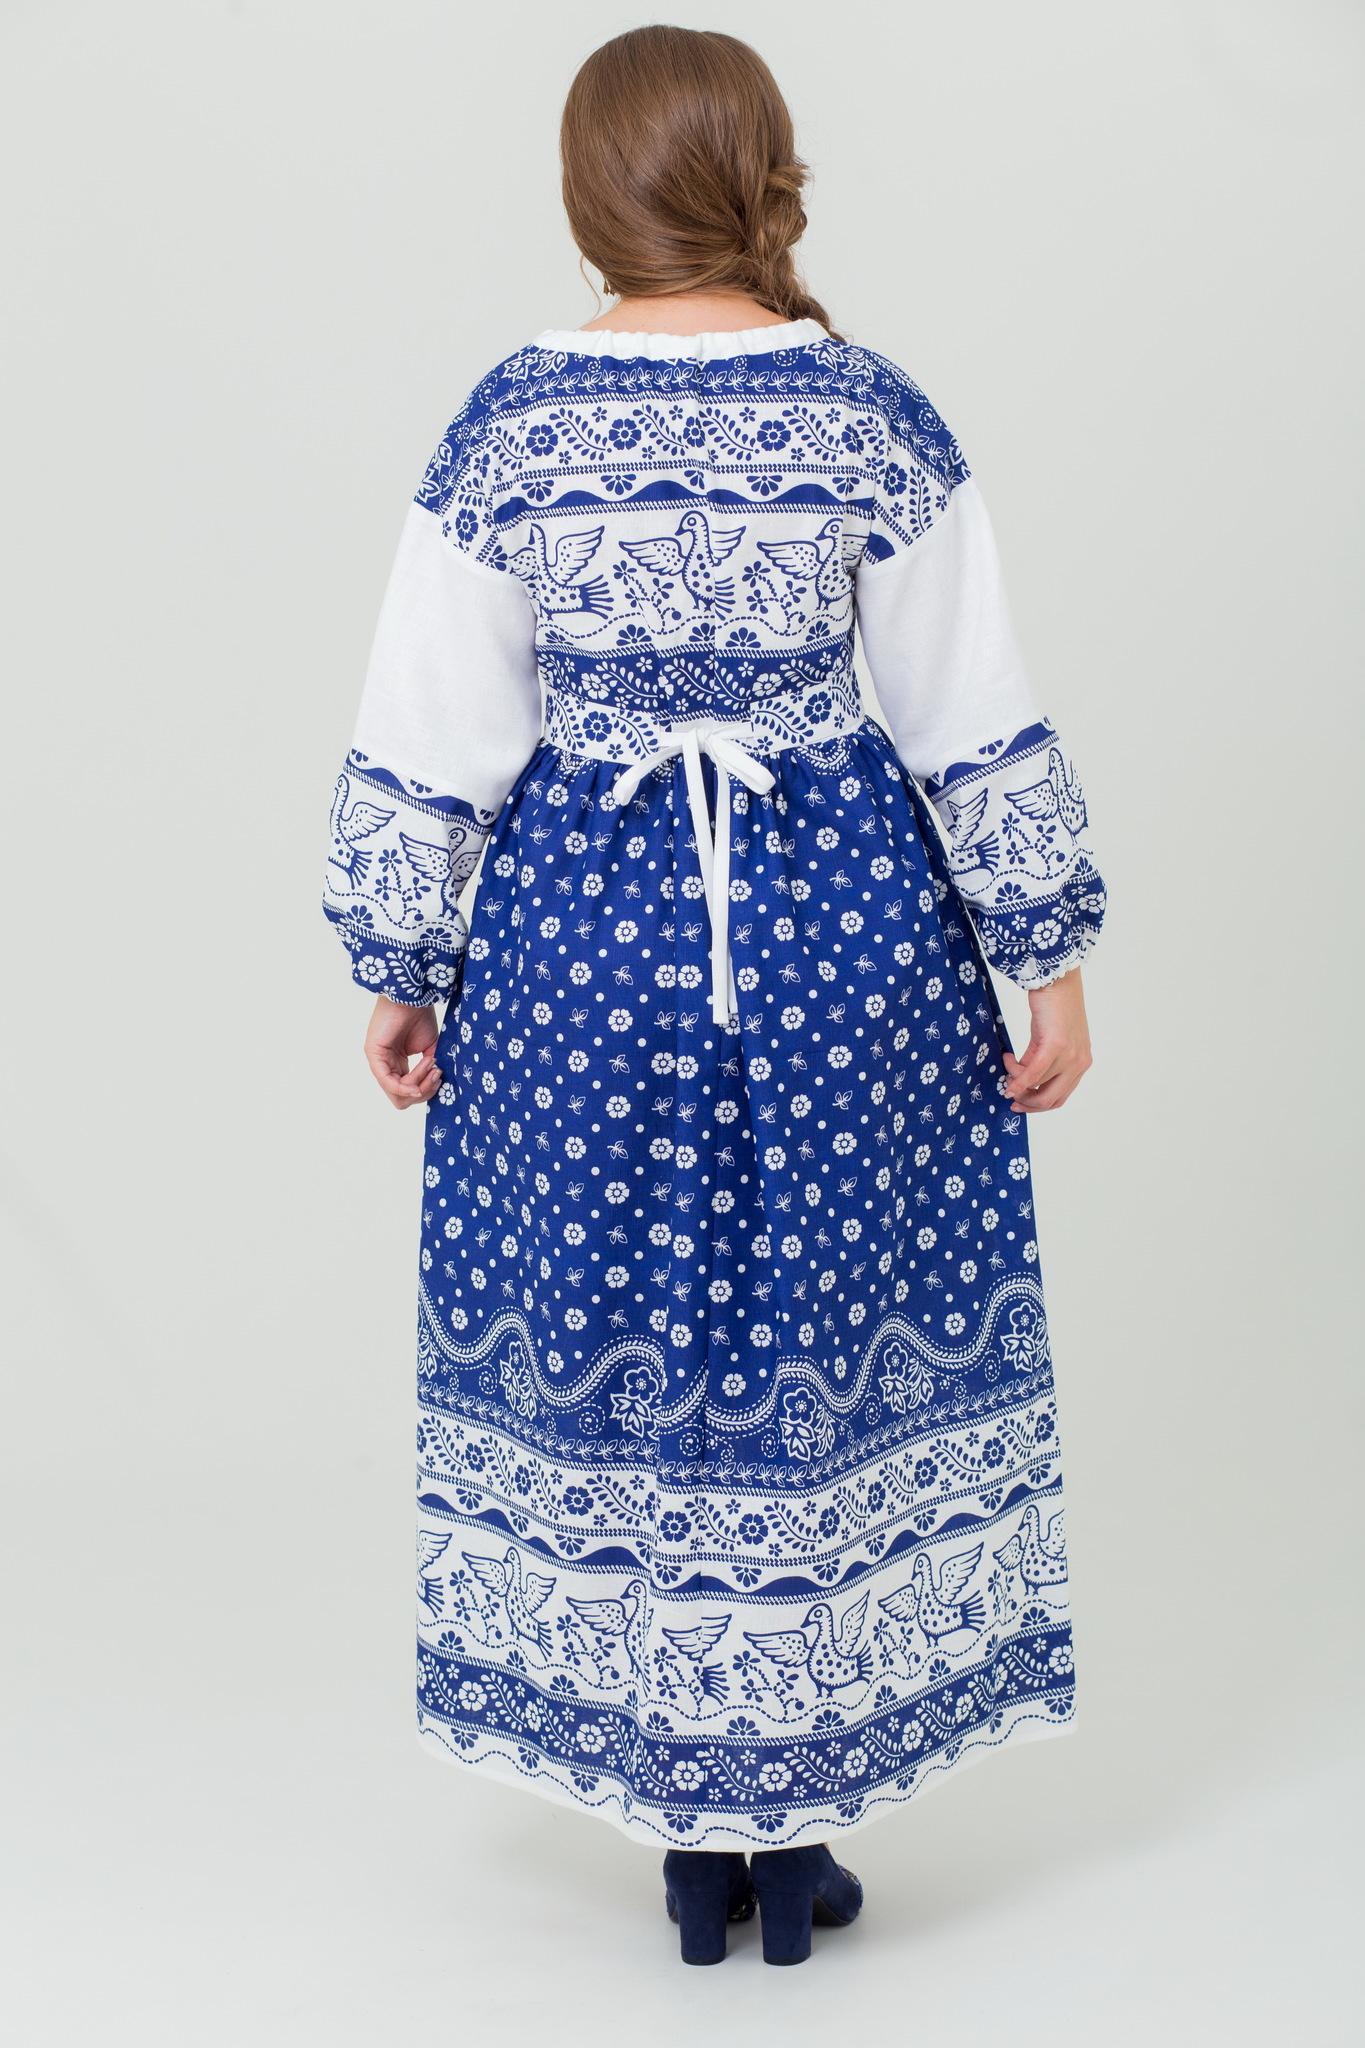 Славянское платье Певчее в синем из льна